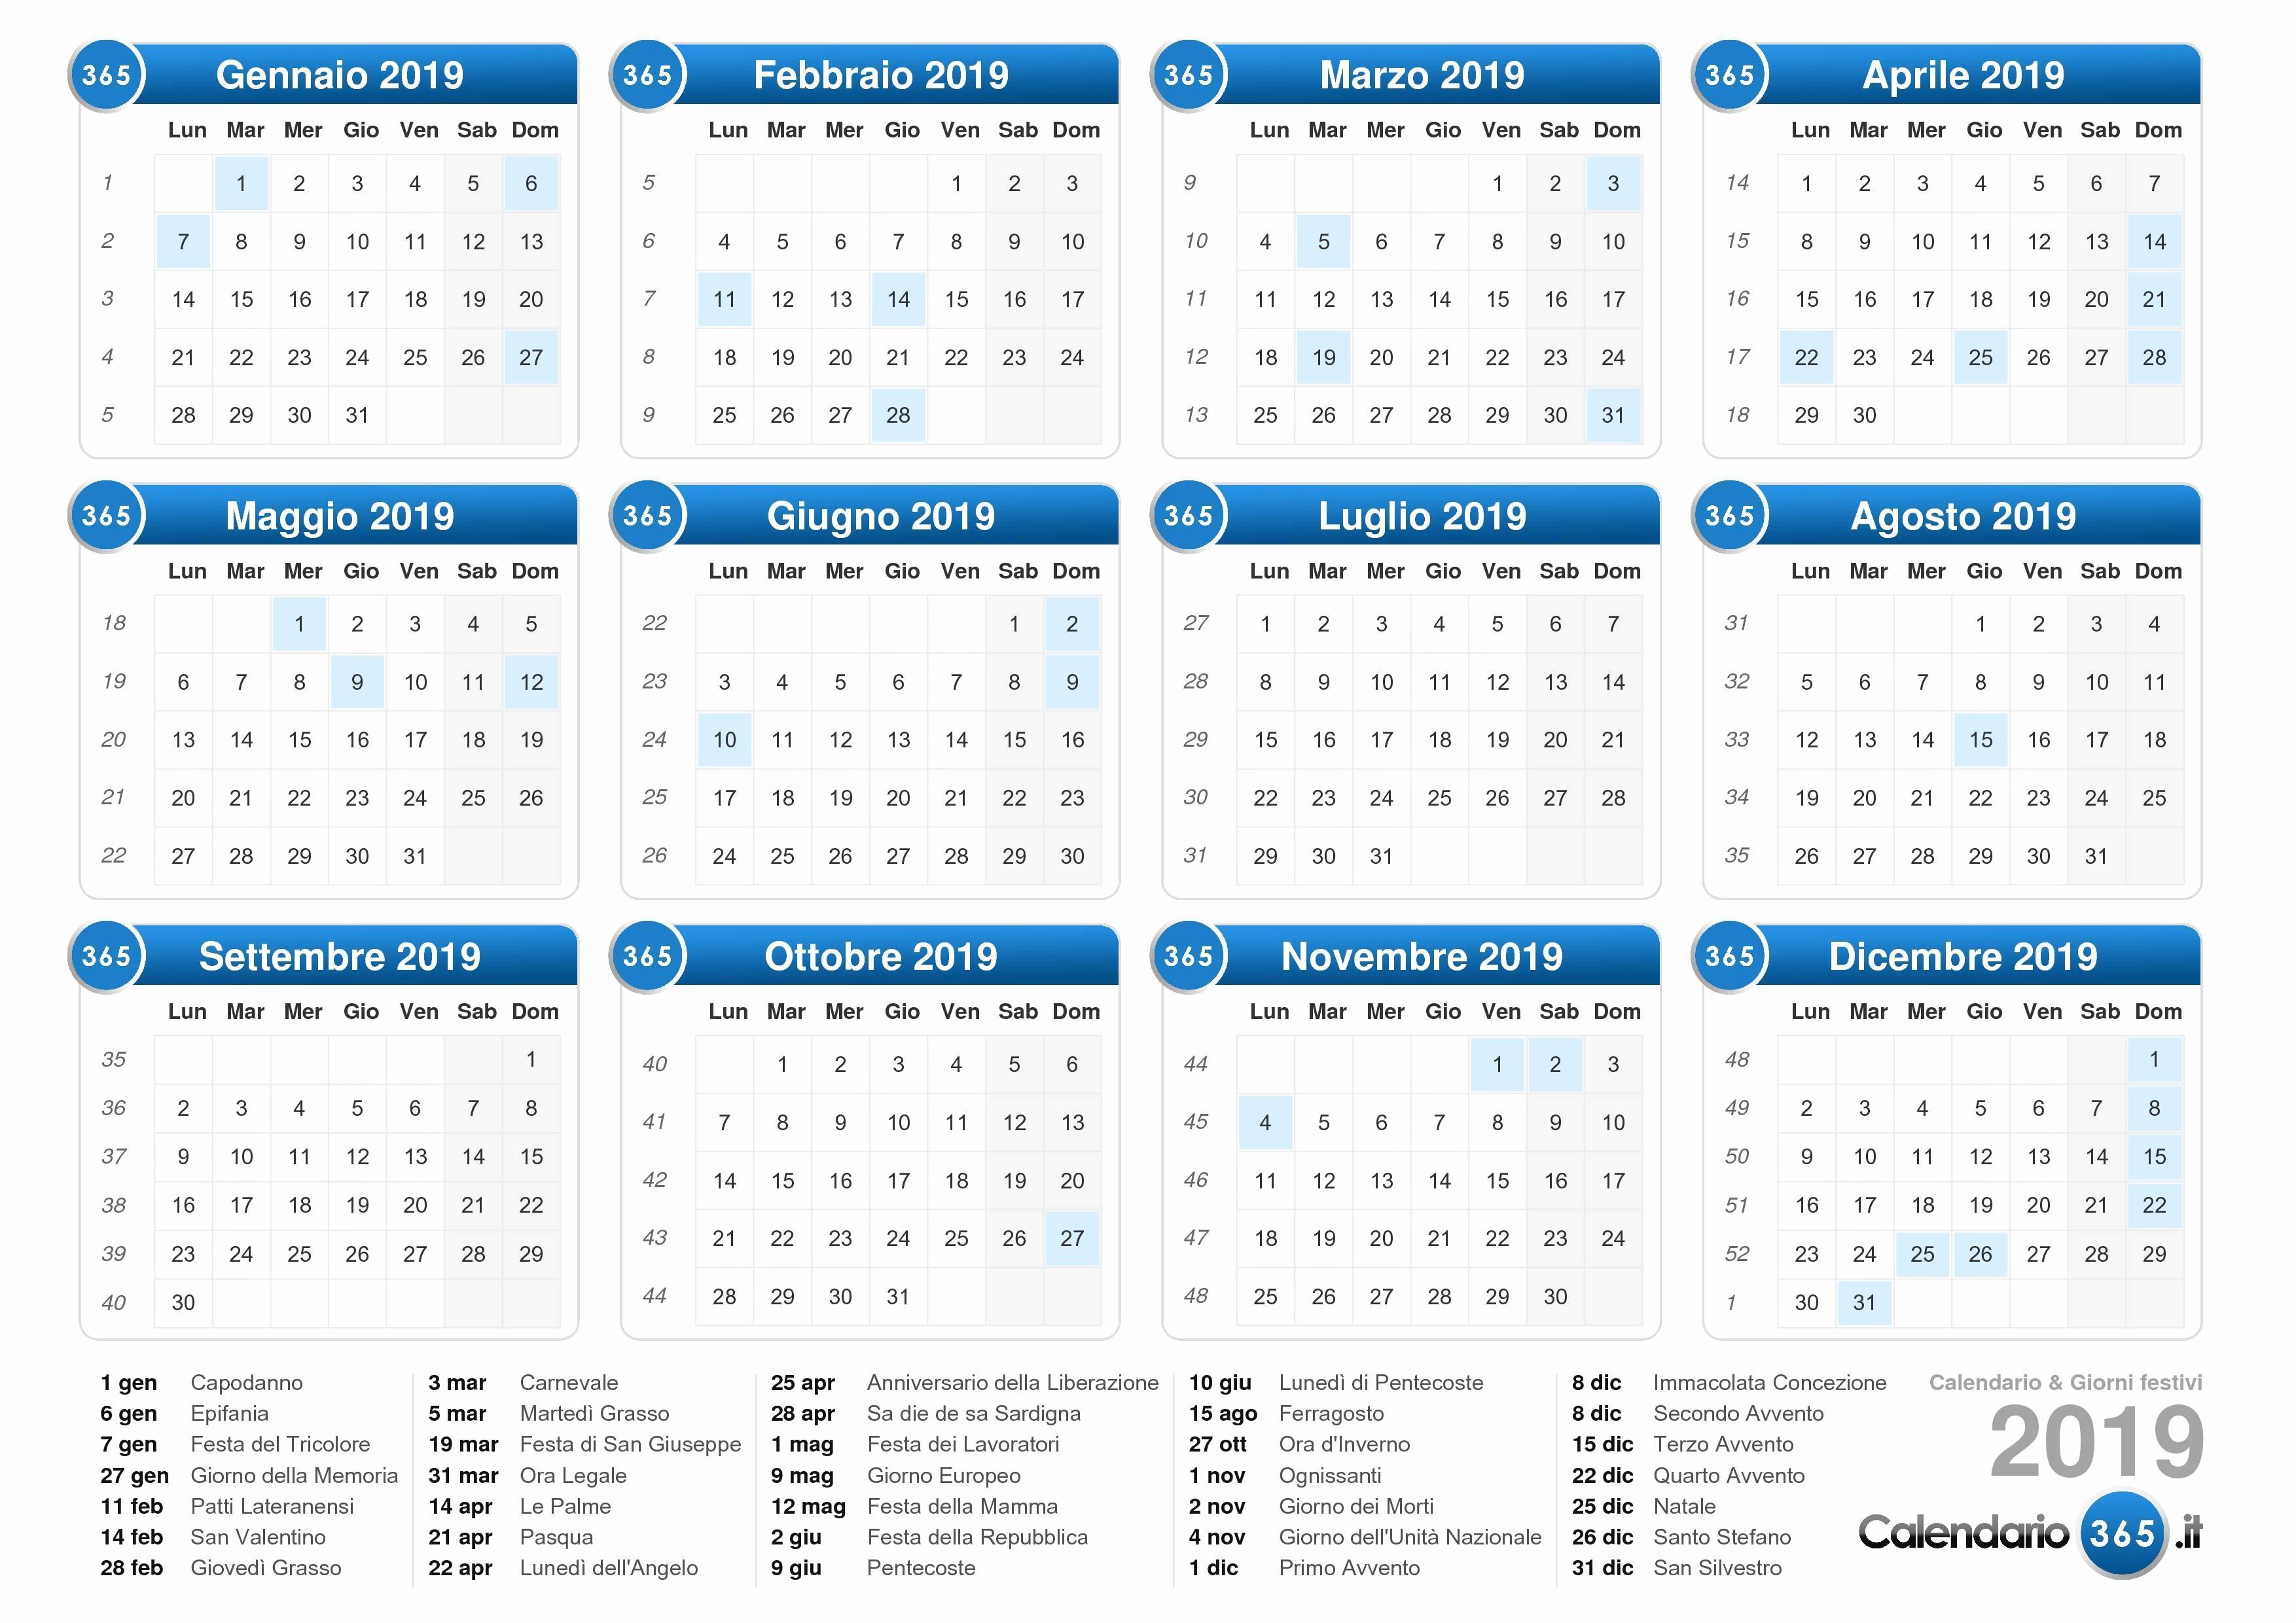 Calendario Febrero 2018 Para Imprimir Excel Mejores Y Más Novedosos Calendario En Blanco 2019 2020 Calendario 2019 Of Calendario Febrero 2018 Para Imprimir Excel Más Recientes Calendario En Blanco Buscar Con Google Julio 2015 Agosto 2016